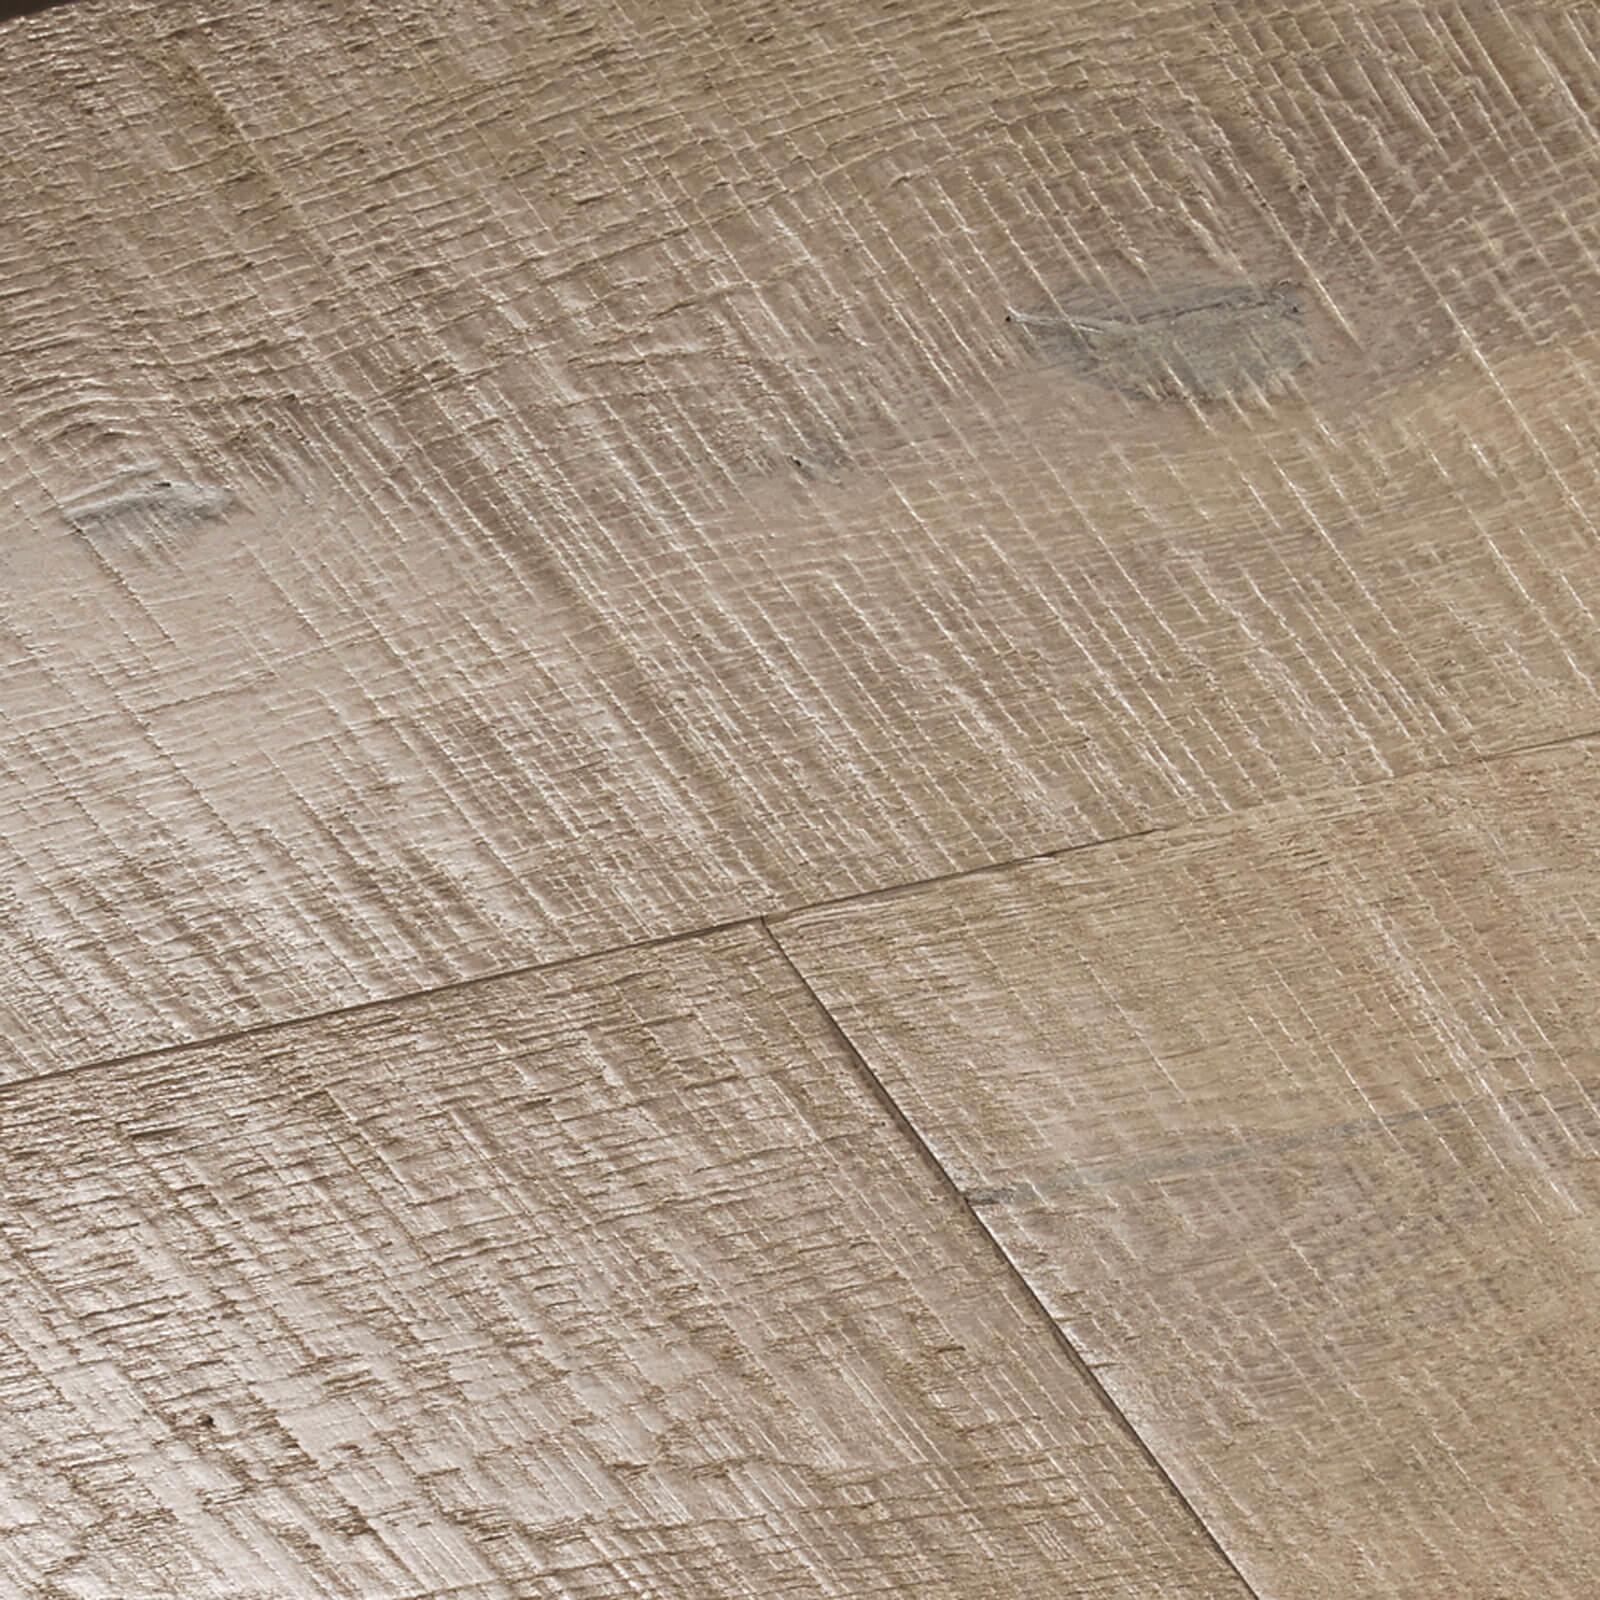 Sawn Grey Oak UV Hardwax Oil Chepstow Woodpecker Flooring